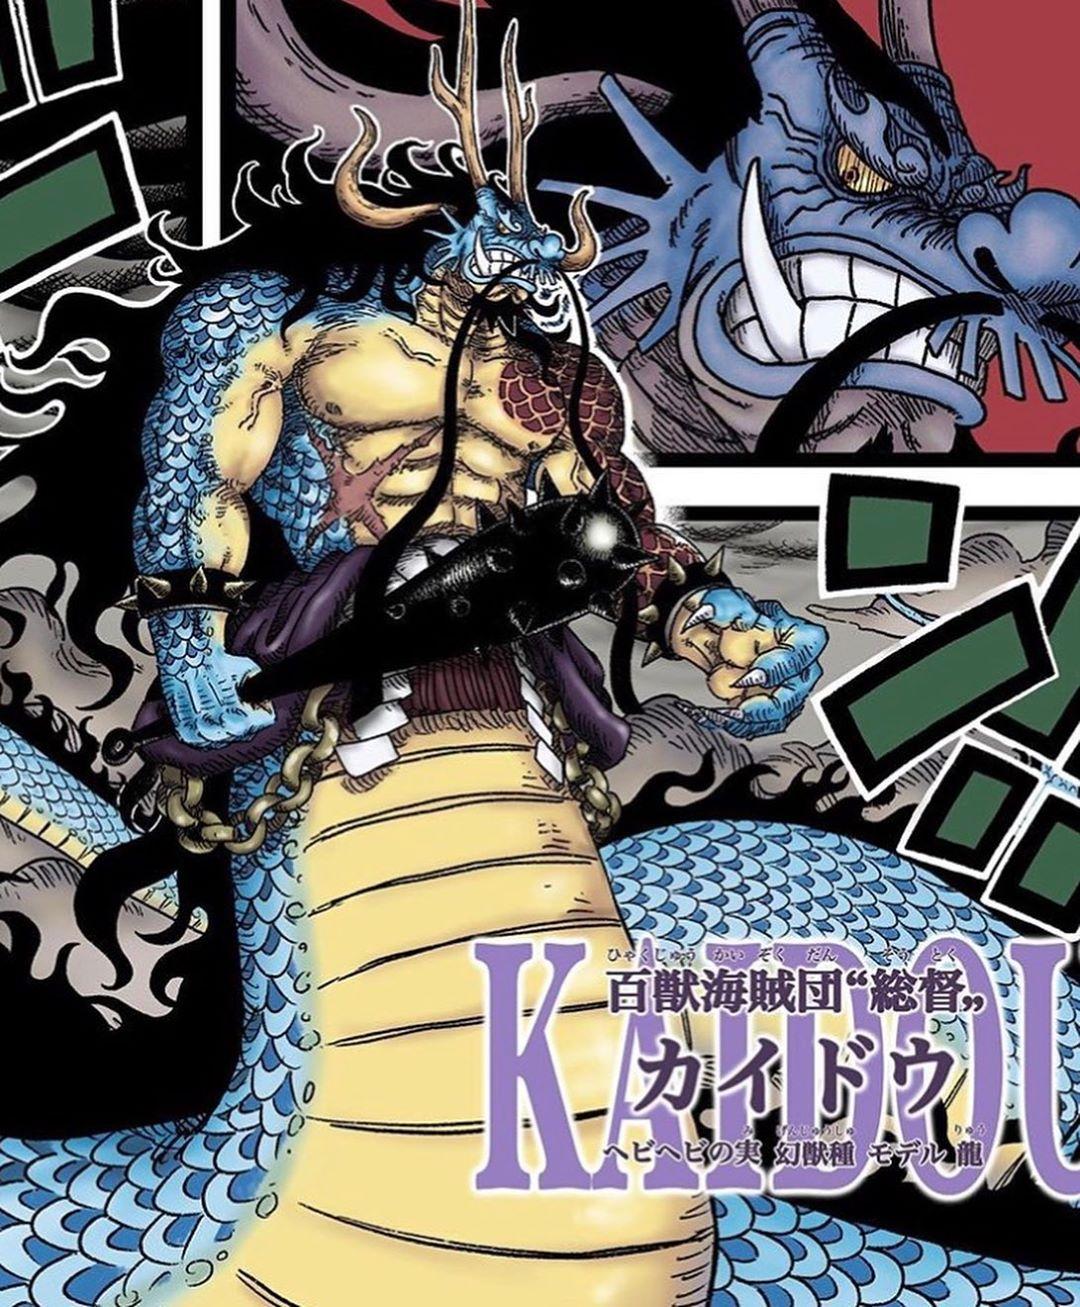 海賊王:這4人的最強狀態透露,凱多化身龍人?索達睜眼了